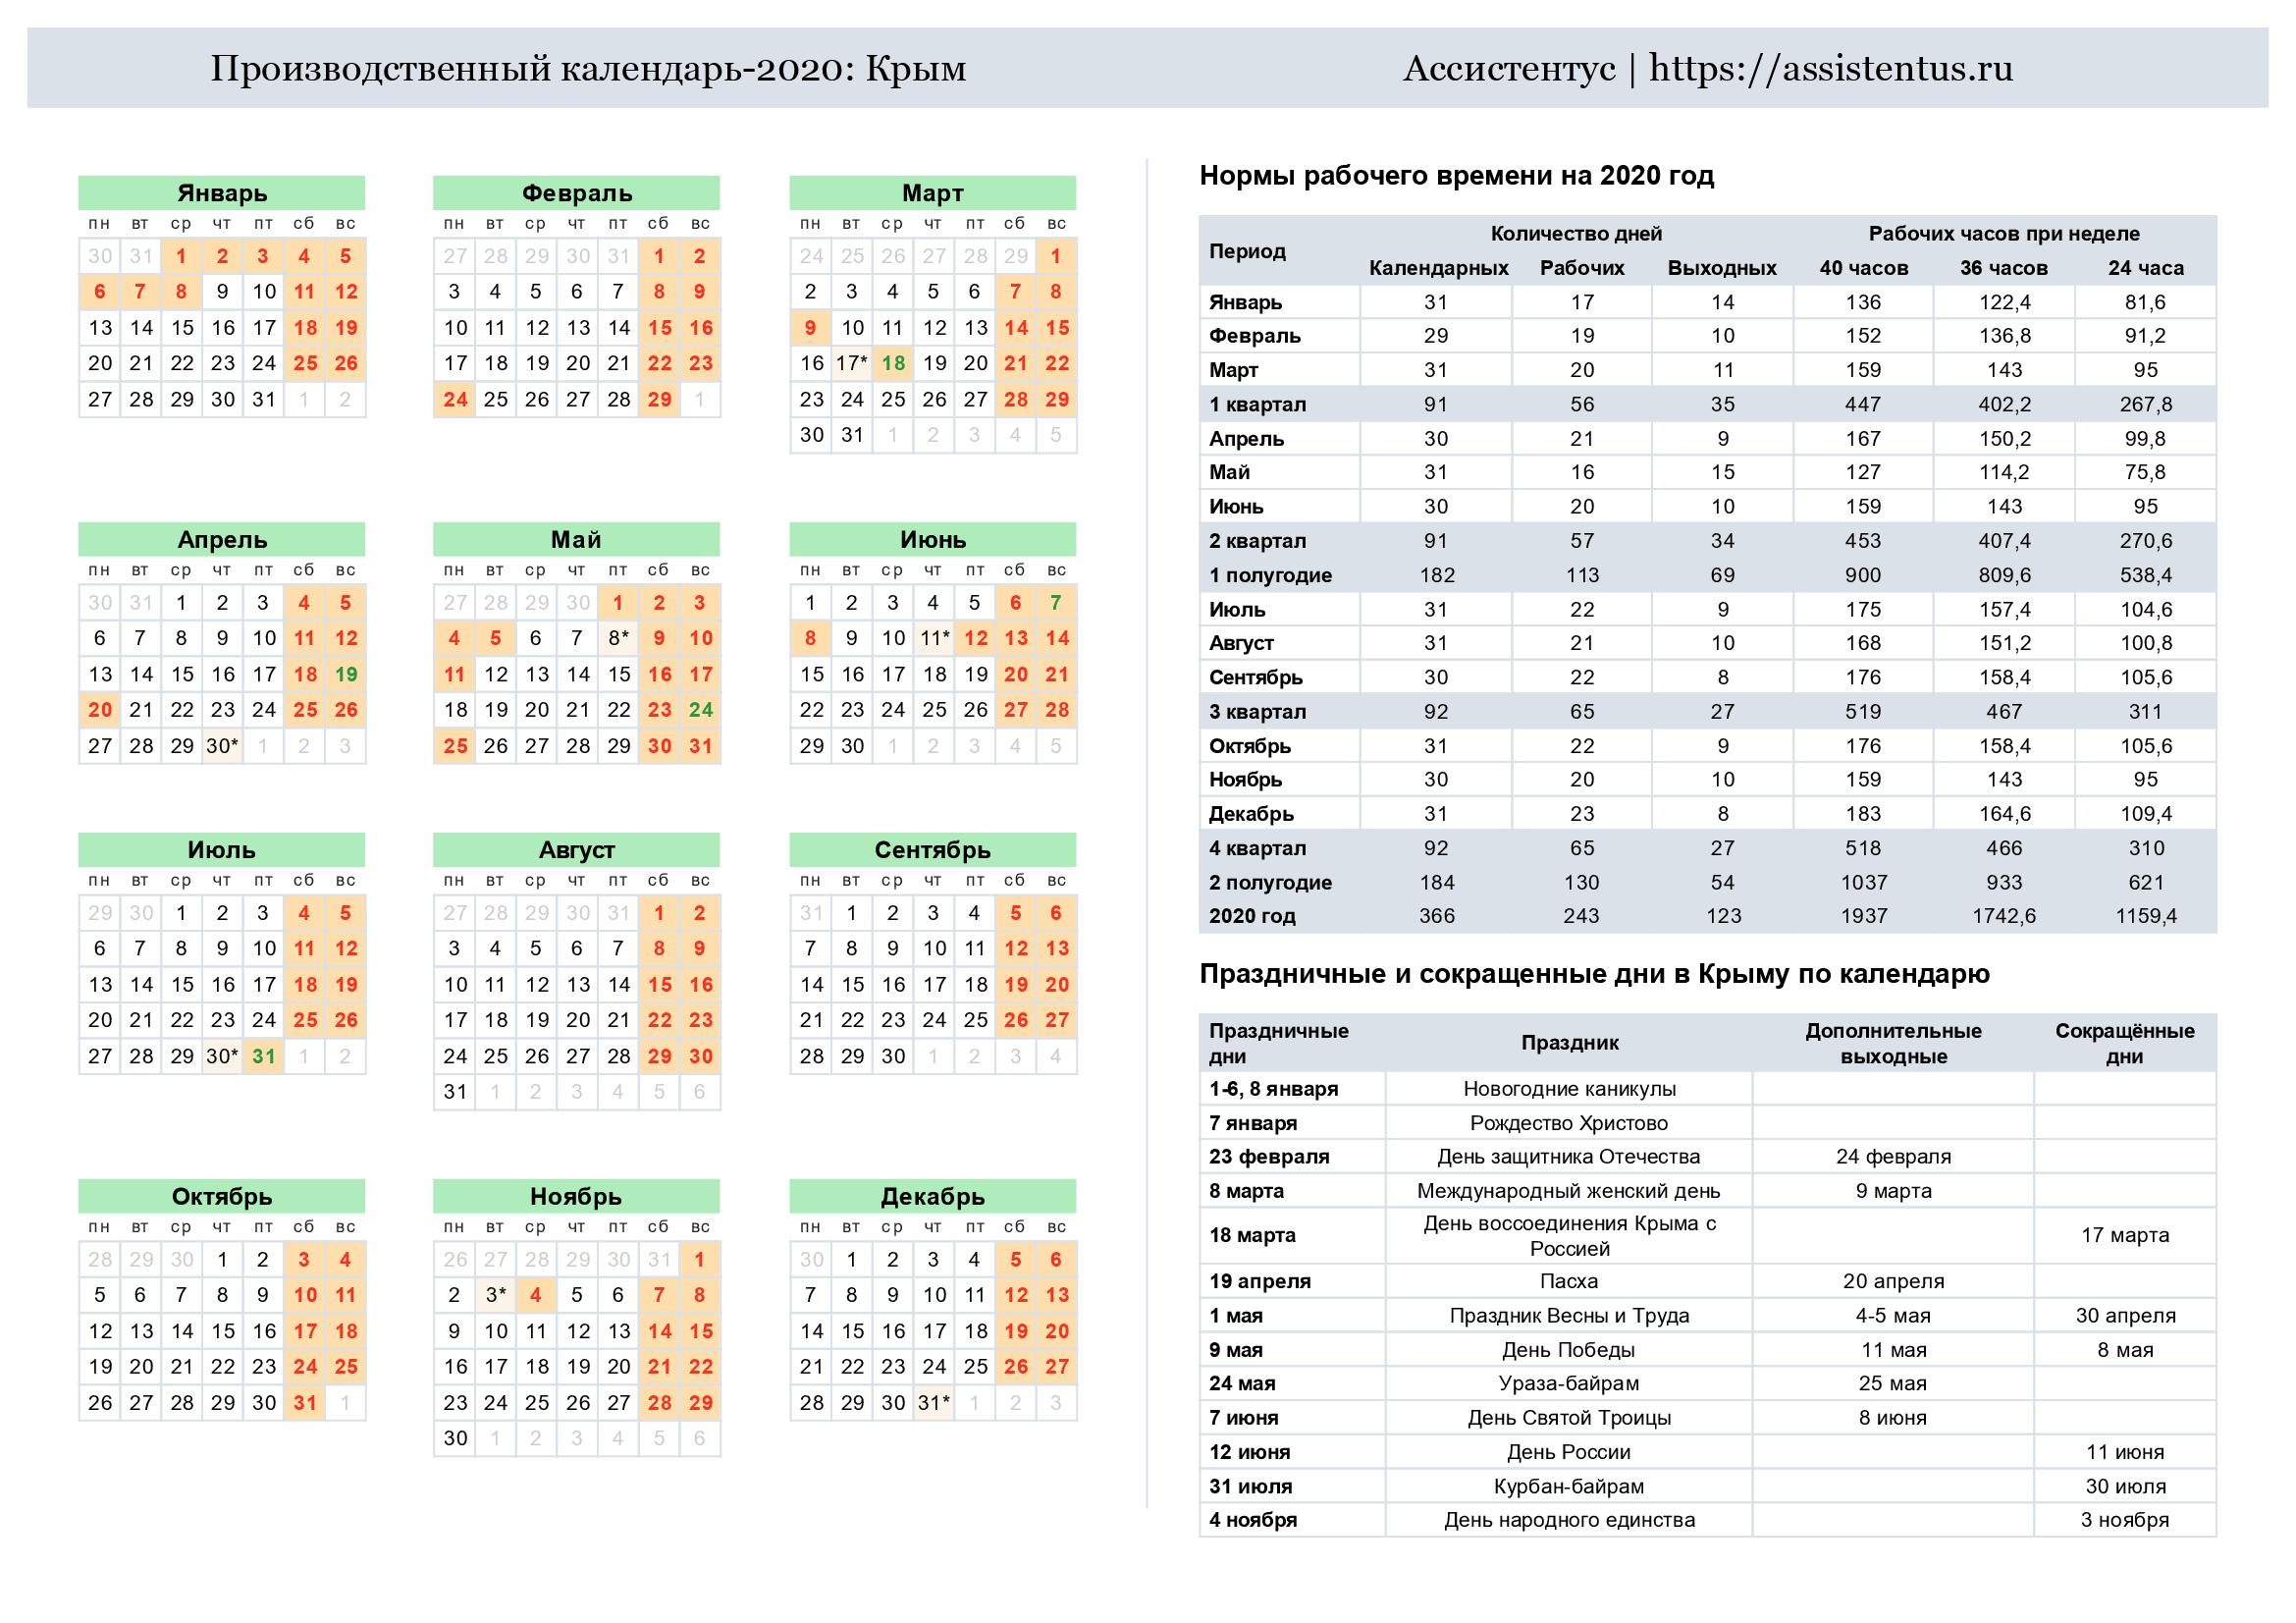 Производственный календарь 2020, Крым